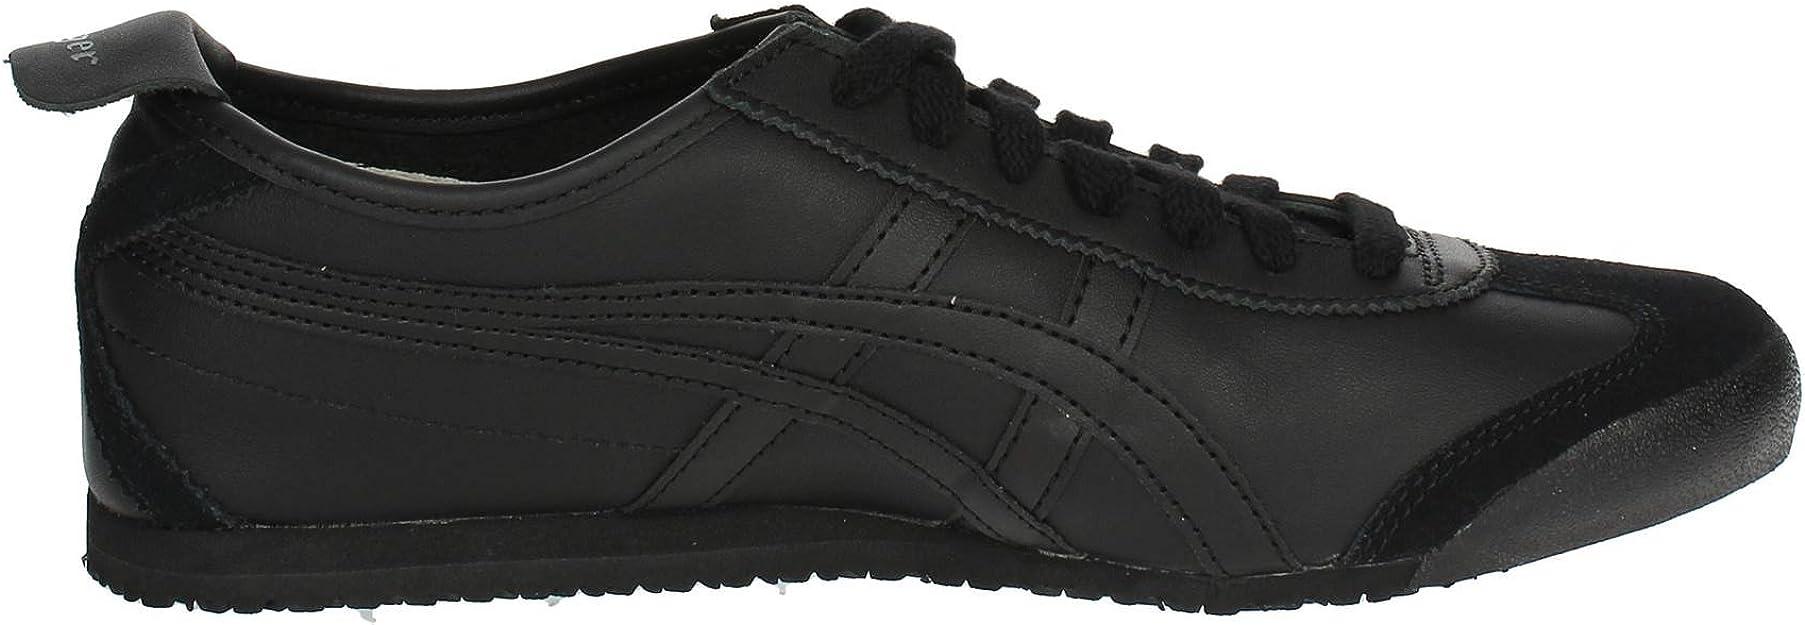 ASICS Mexico 66, Unisex Shoe Adult